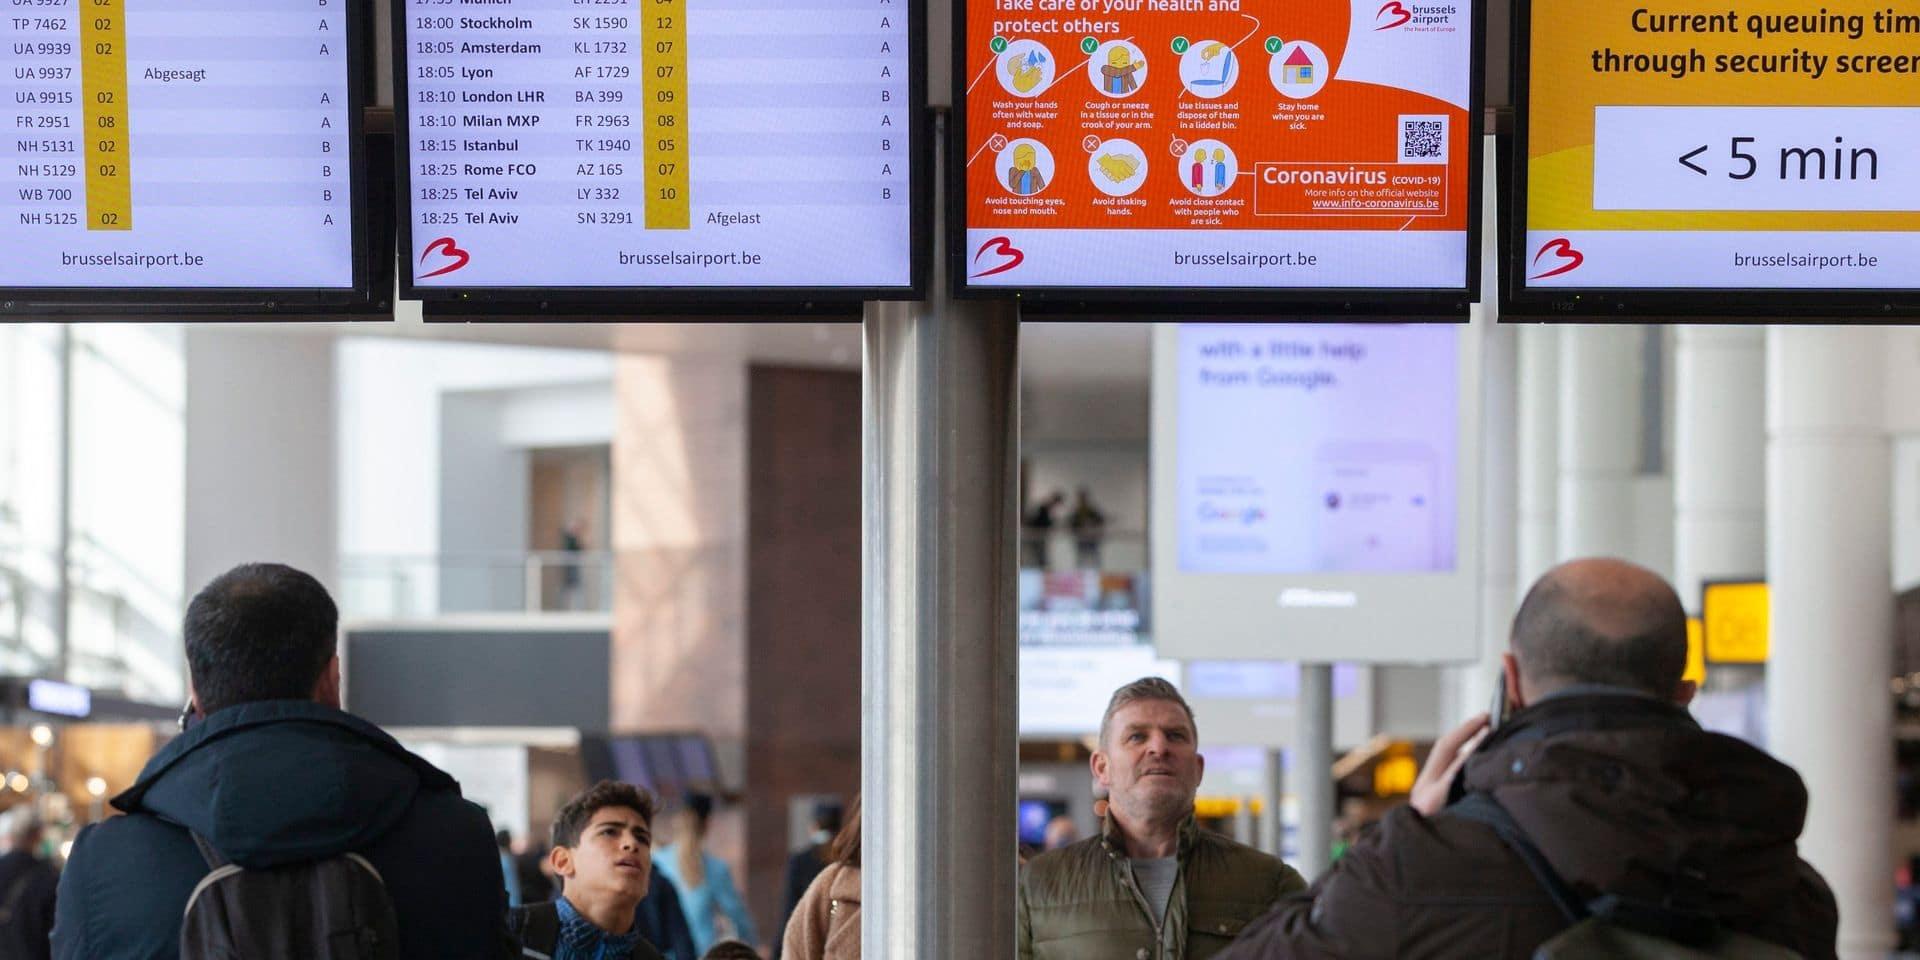 Voyages à l'étranger : ajout d'une nouvelle zone rouge et simplification du code couleur